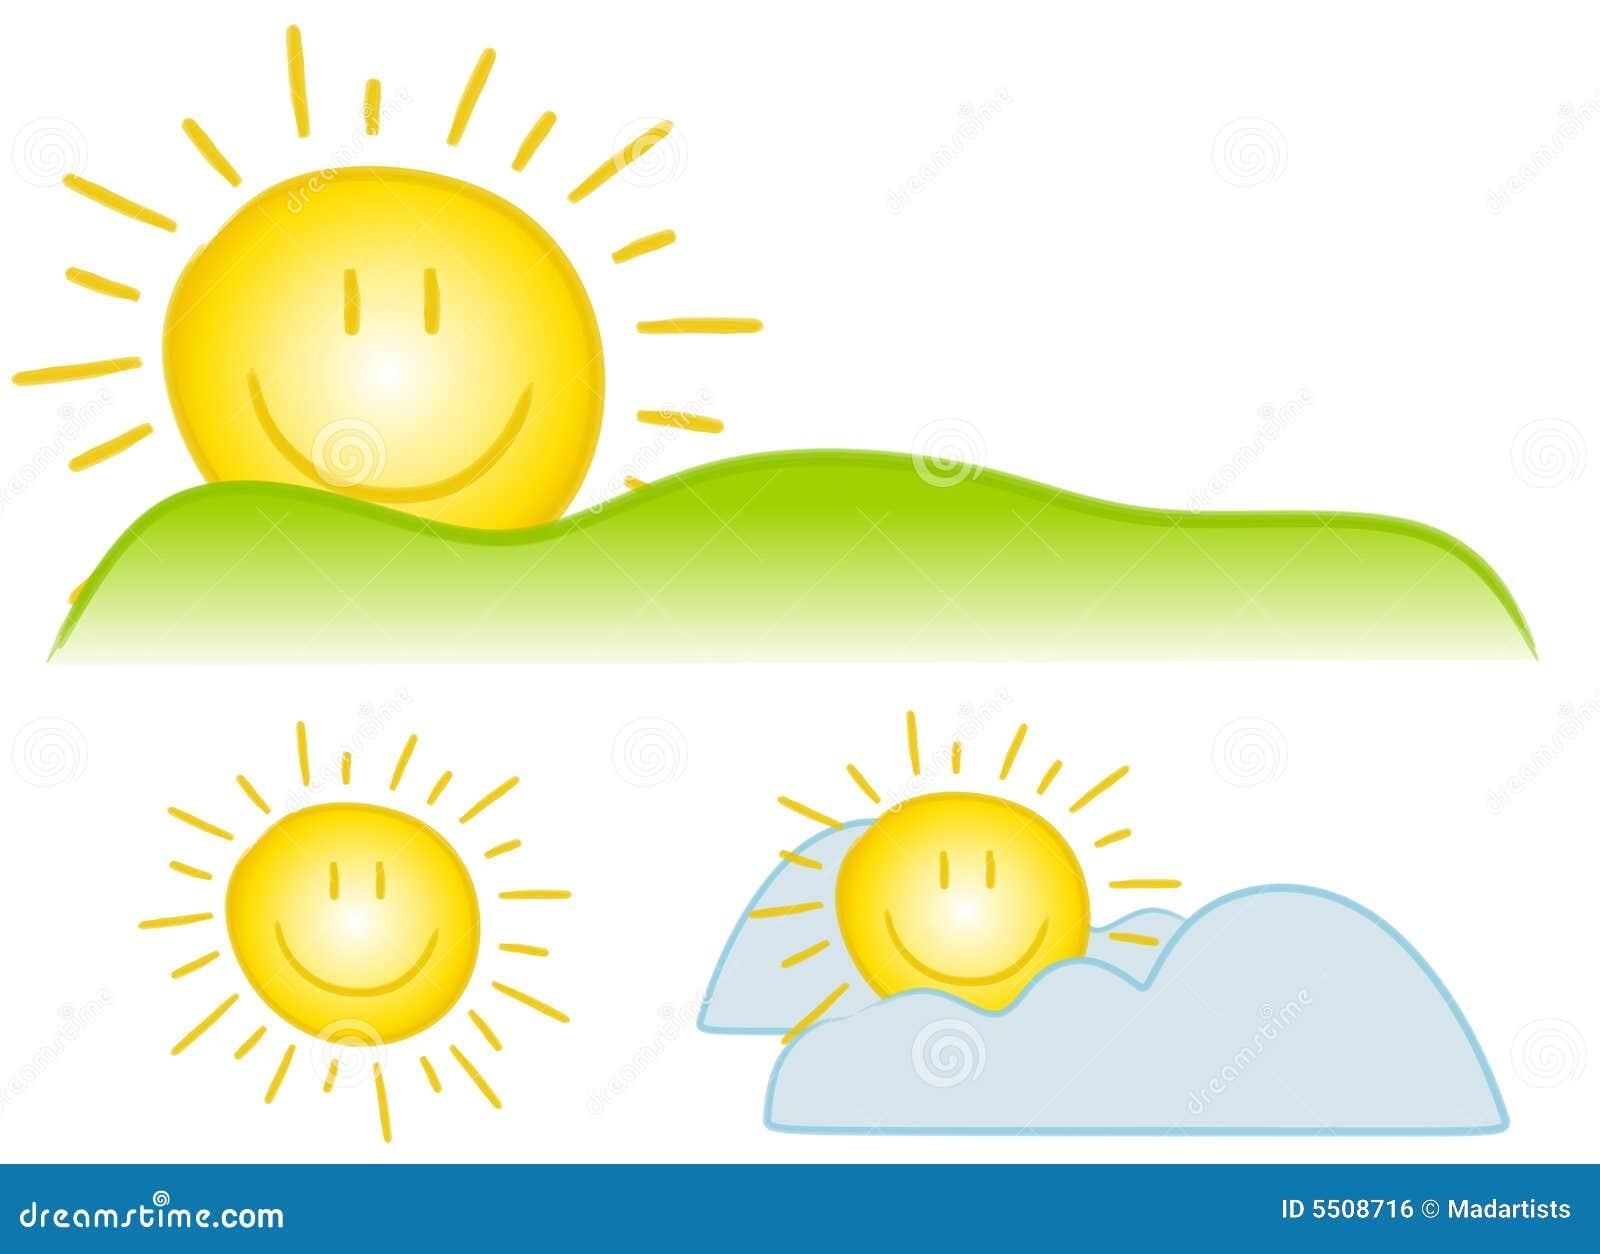 Magazynki sztuki smiley słońce